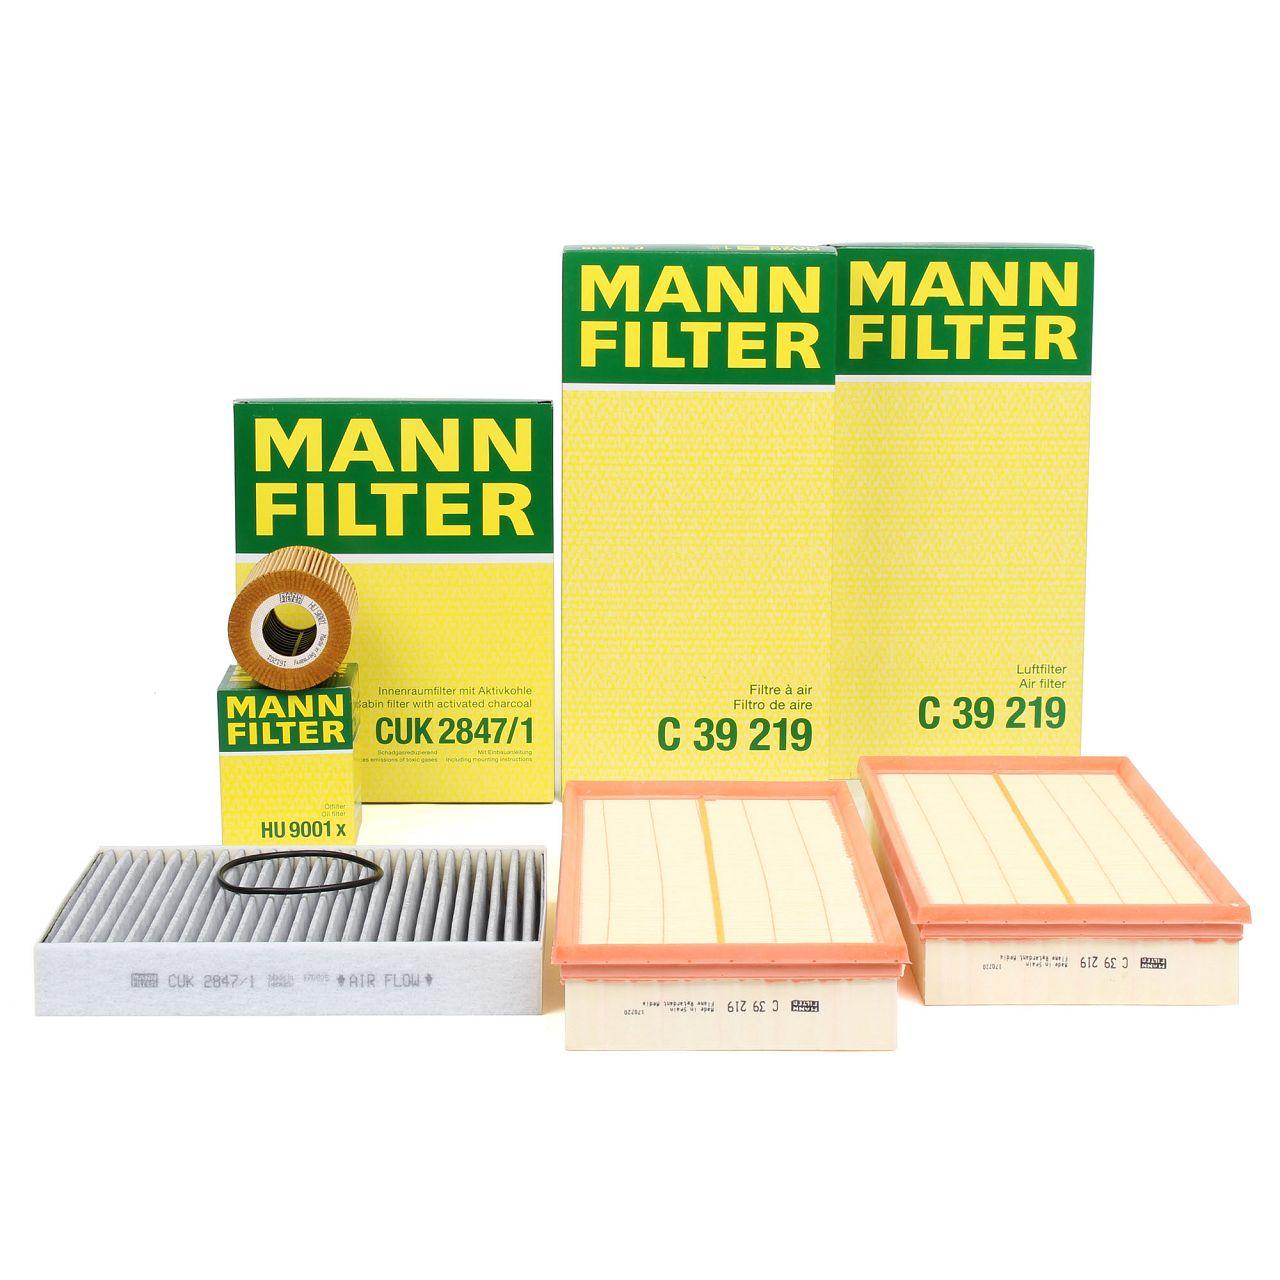 MANN Filterset für PORSCHE CAYENNE (92A) 4.8 S / 4.8 GTS / 4.8 Turbo / Turbo S